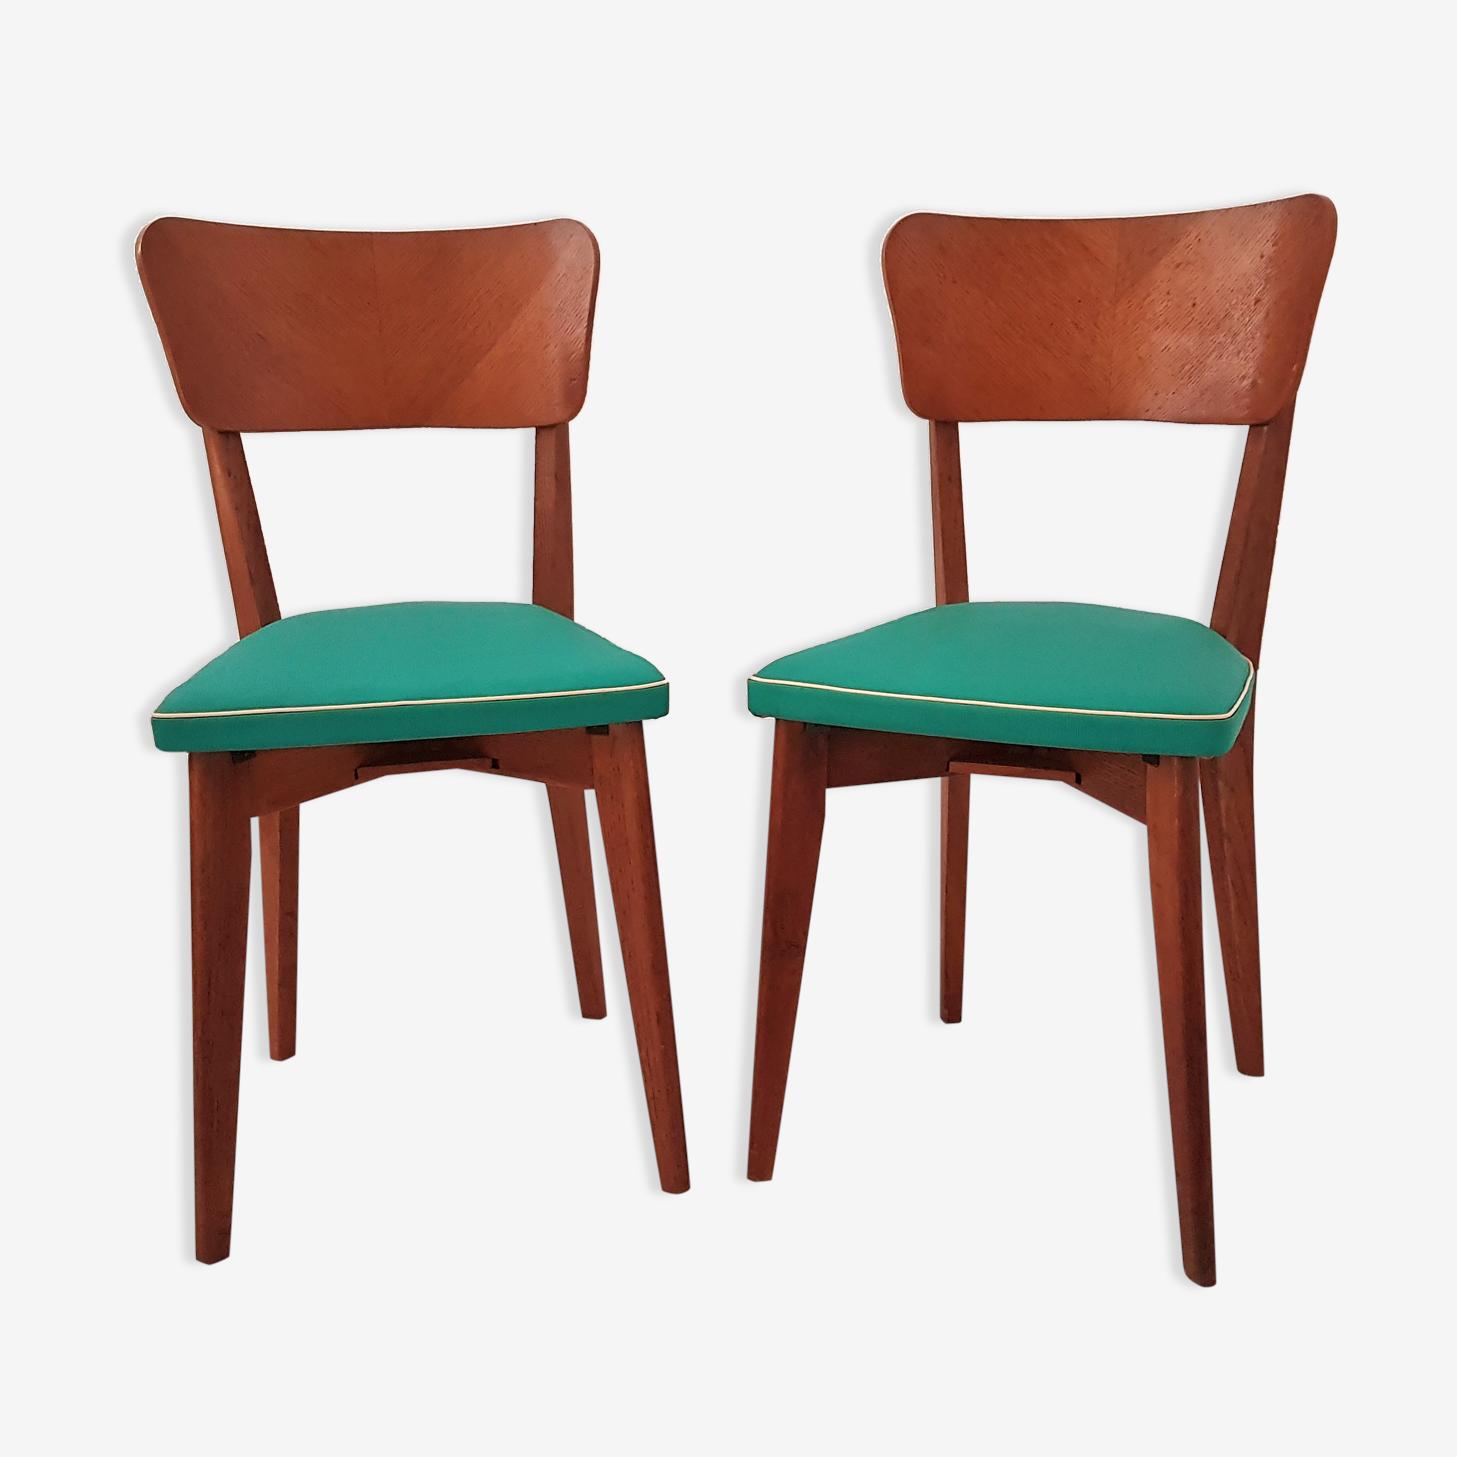 Paire de chaises vintage en bois et skaï